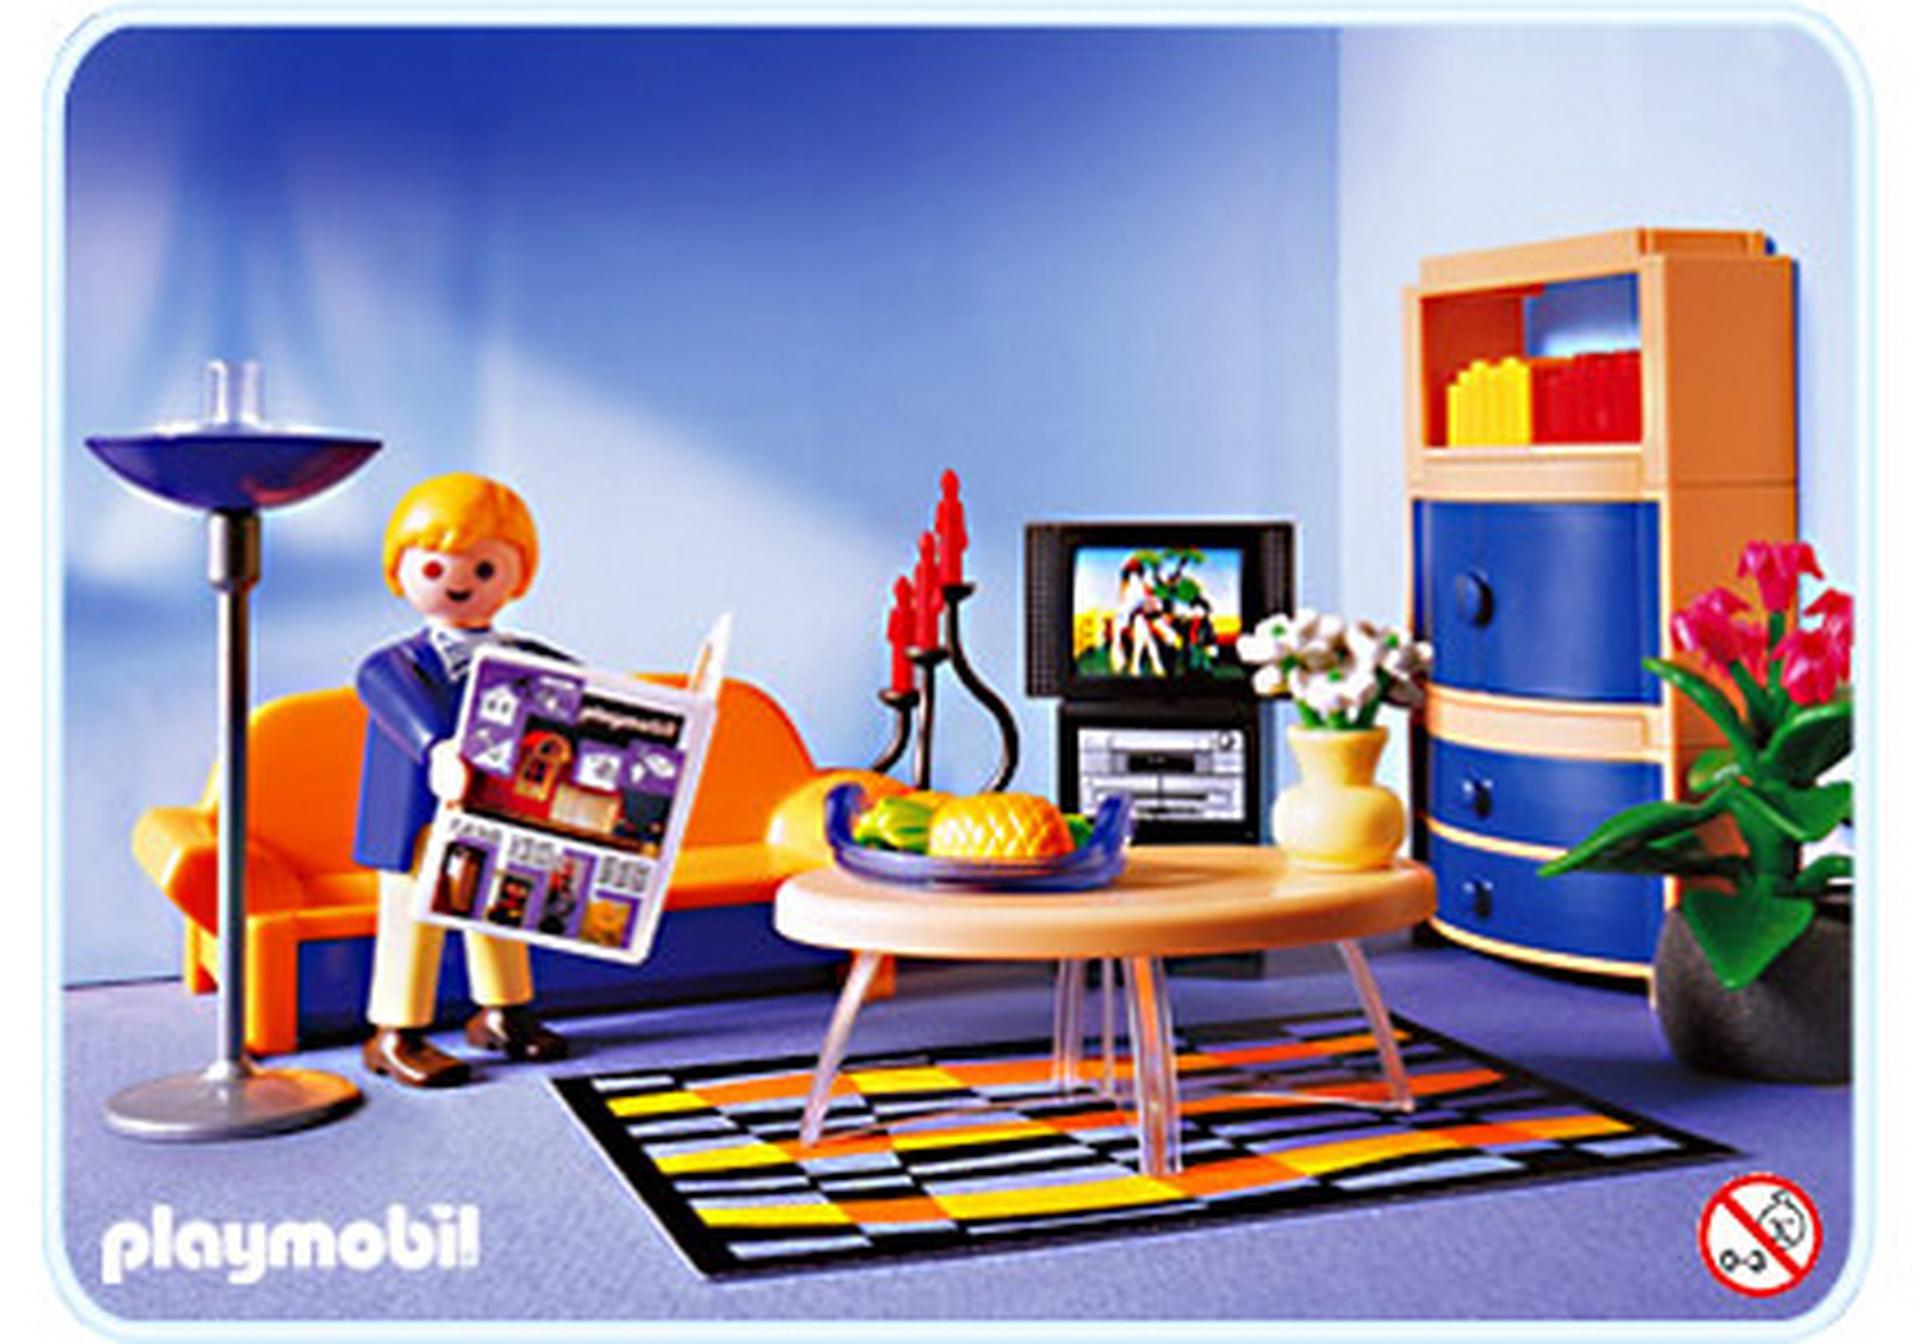 Playmobil Wohnzimmer  Modernes Wohnzimmer 3966 A PLAYMOBIL Deutschland